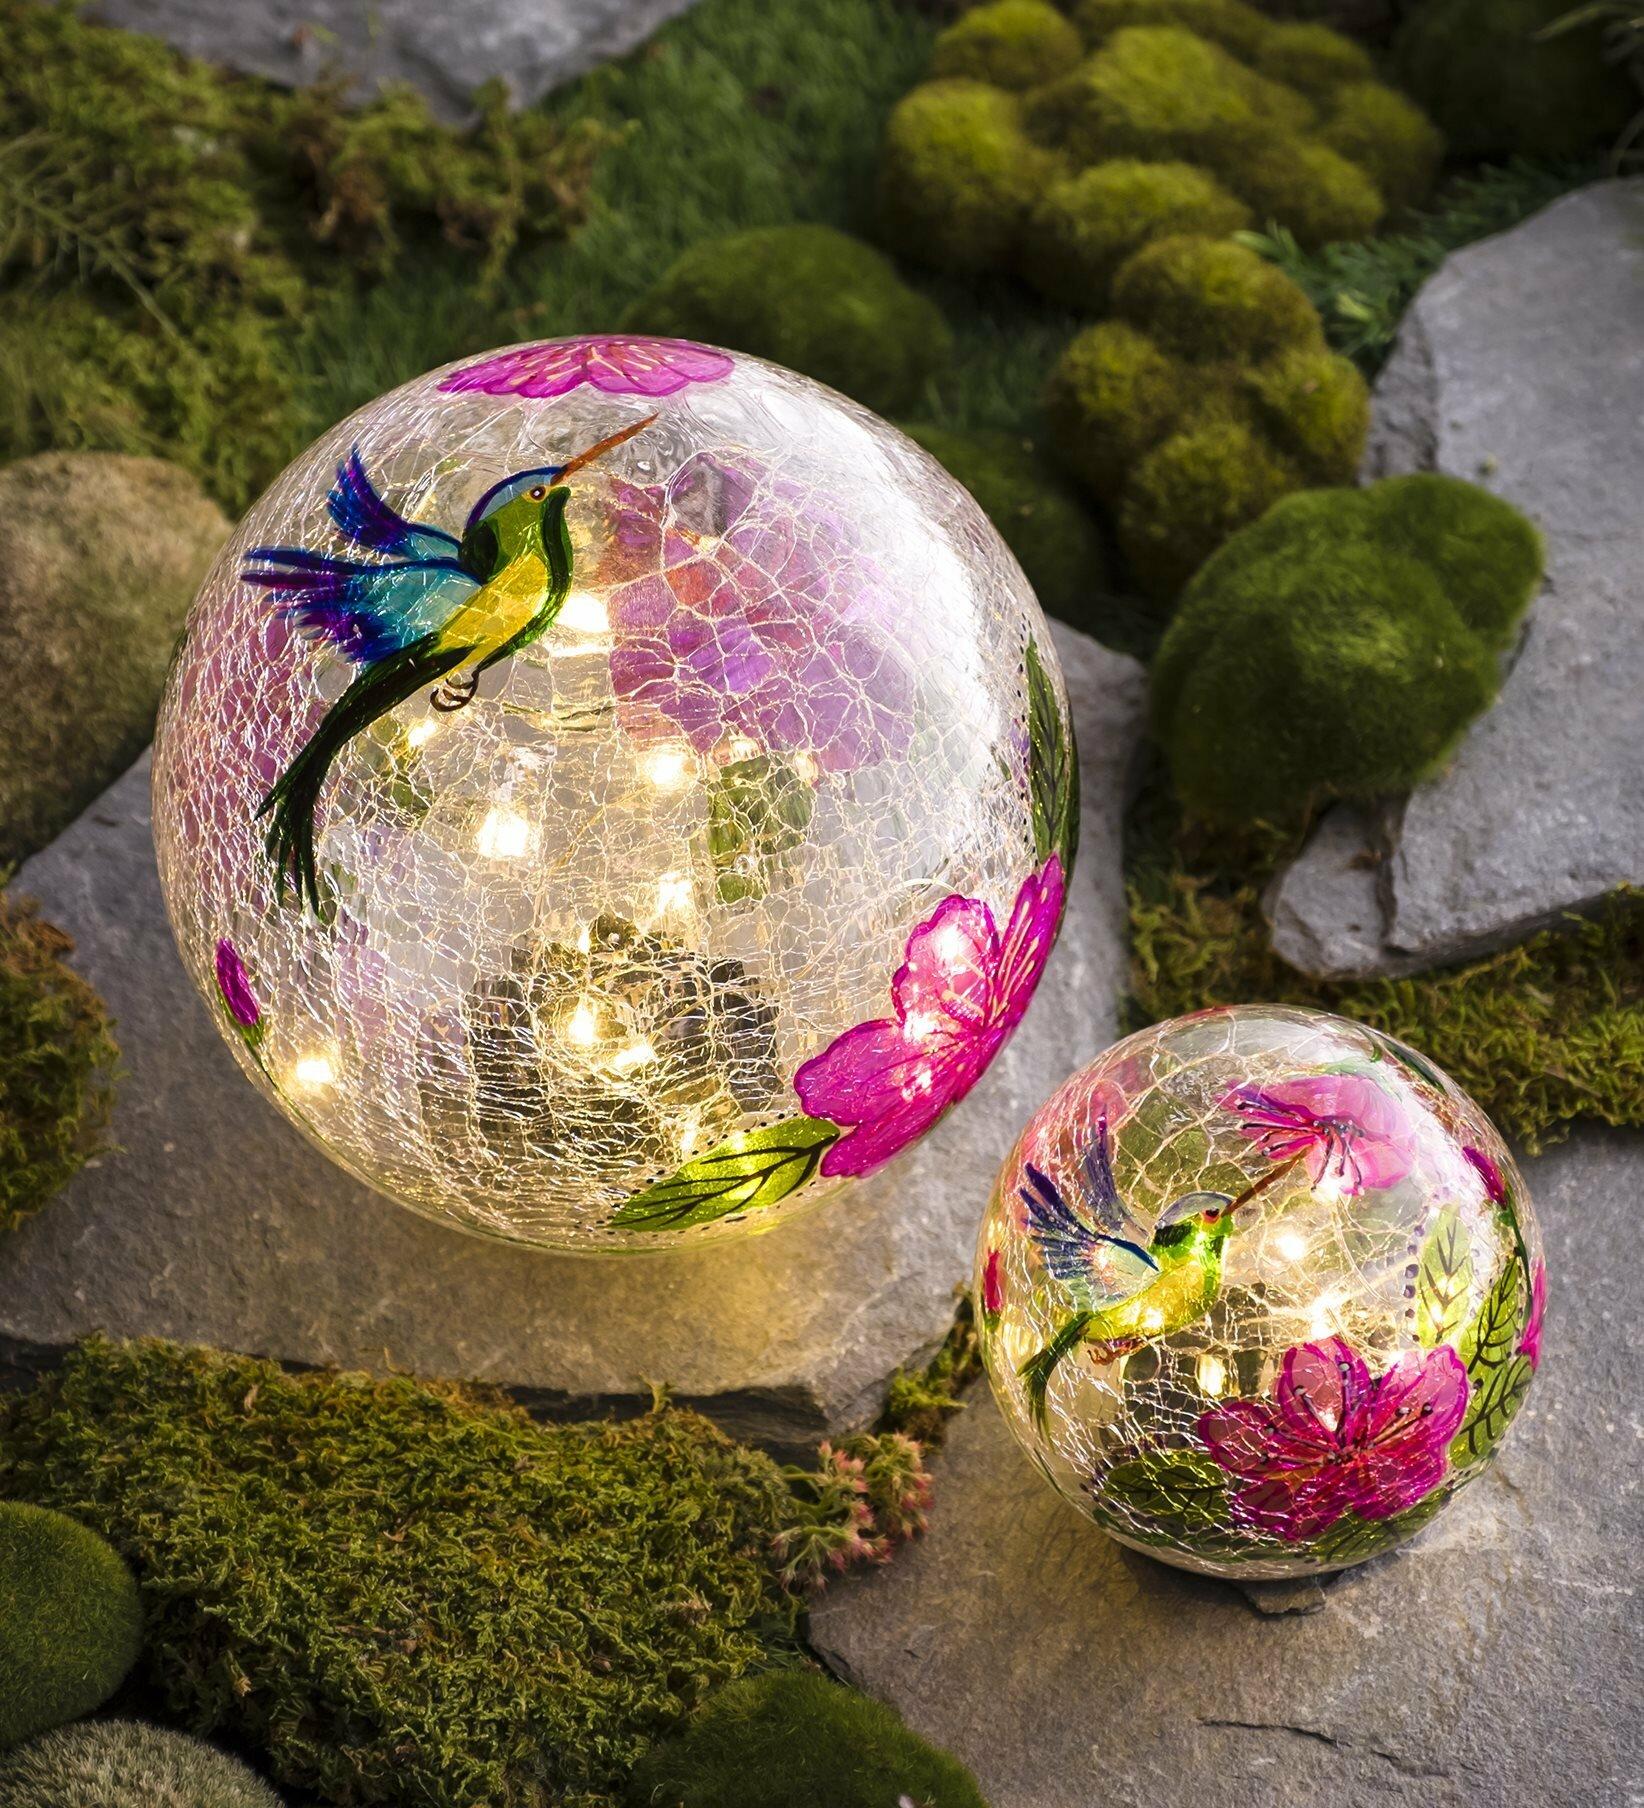 Plow Hearth Hummingbird Crackle 2 Piece Gazing Ball Set Reviews Wayfair